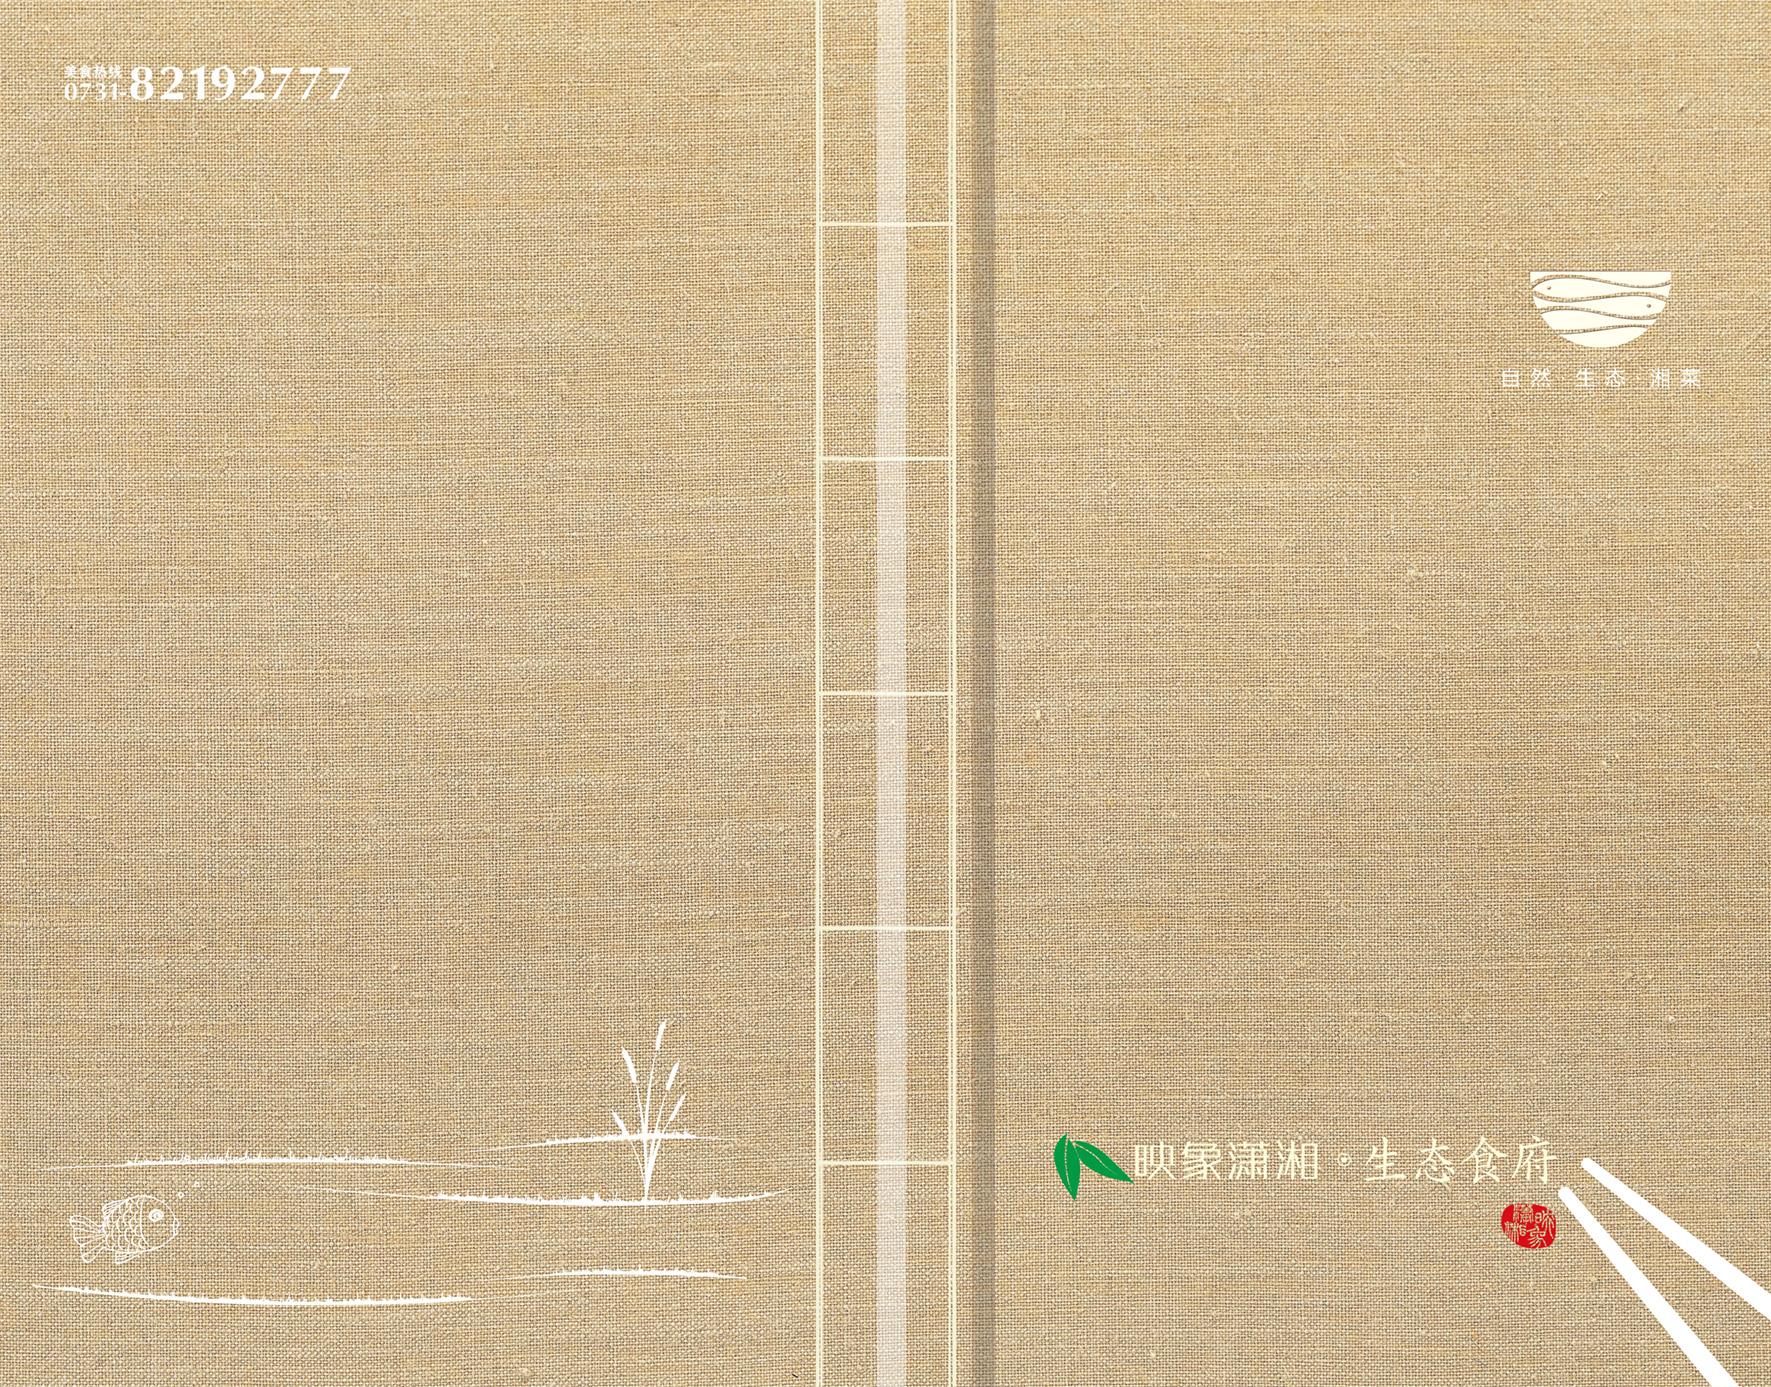 23(映象潇湘)